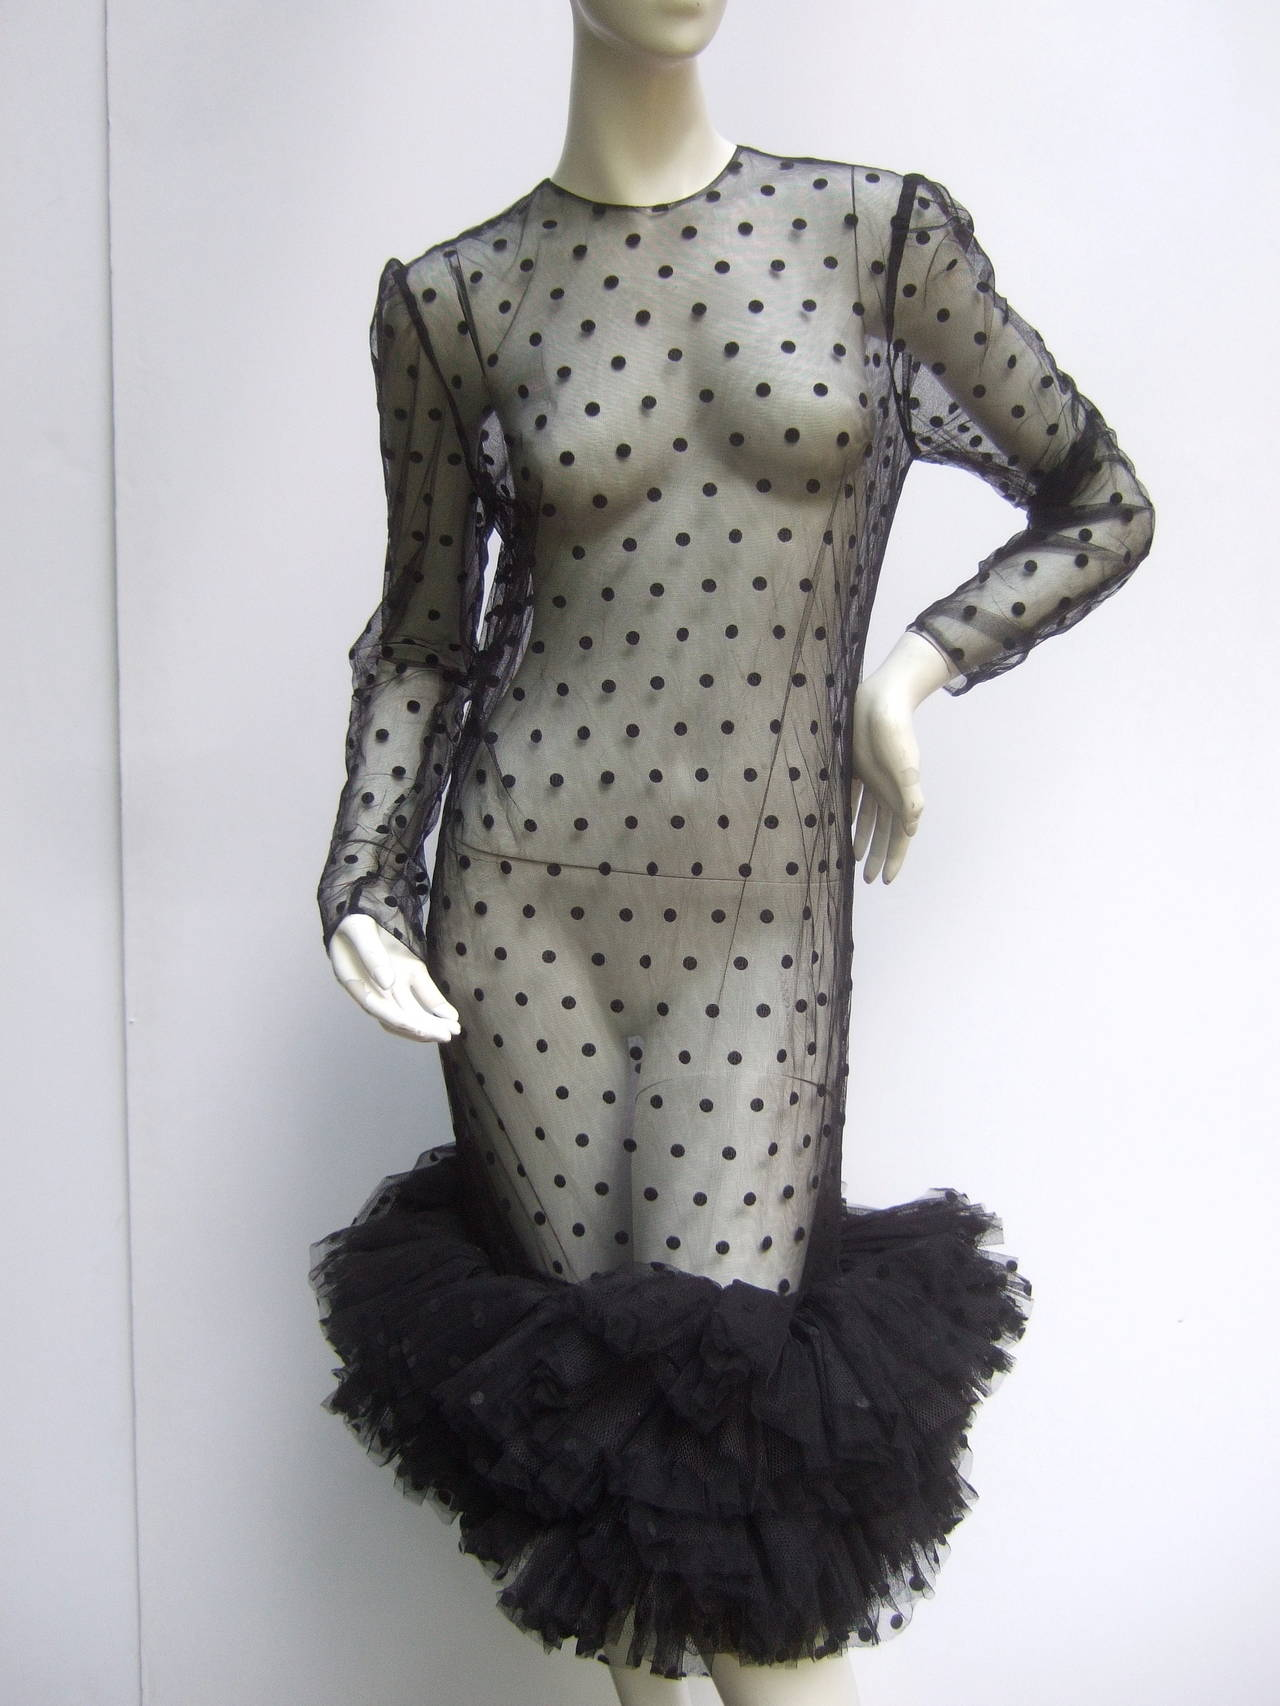 1980s Black Sheer Tulle Trim Polka Dot Dress At 1stdibs